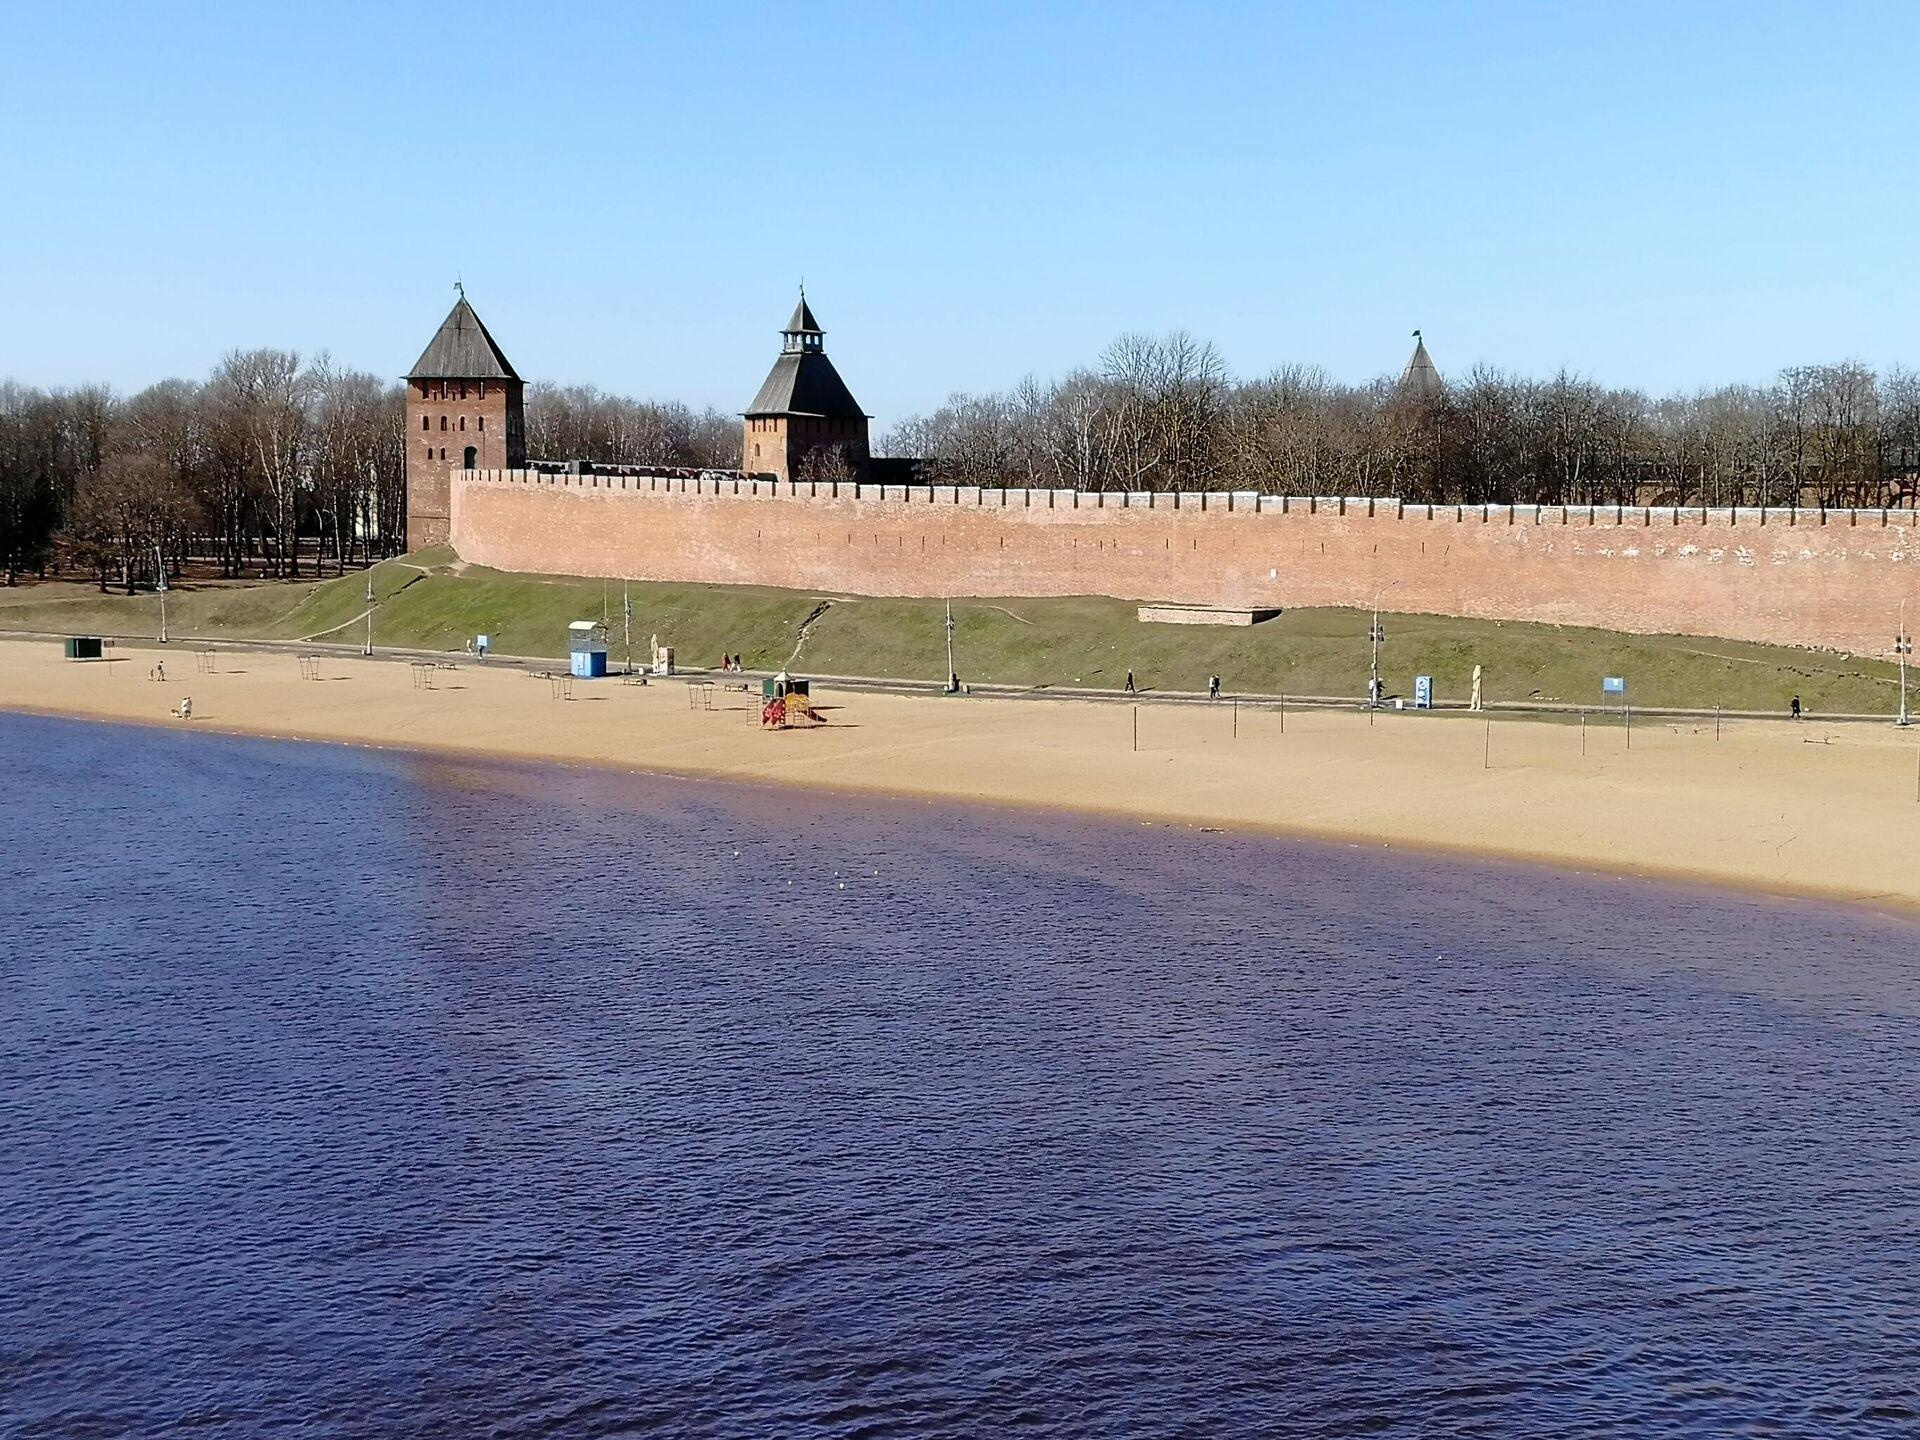 Пляж на реке Волхов в центре Великого Новгорода - РИА Новости, 1920, 24.05.2021